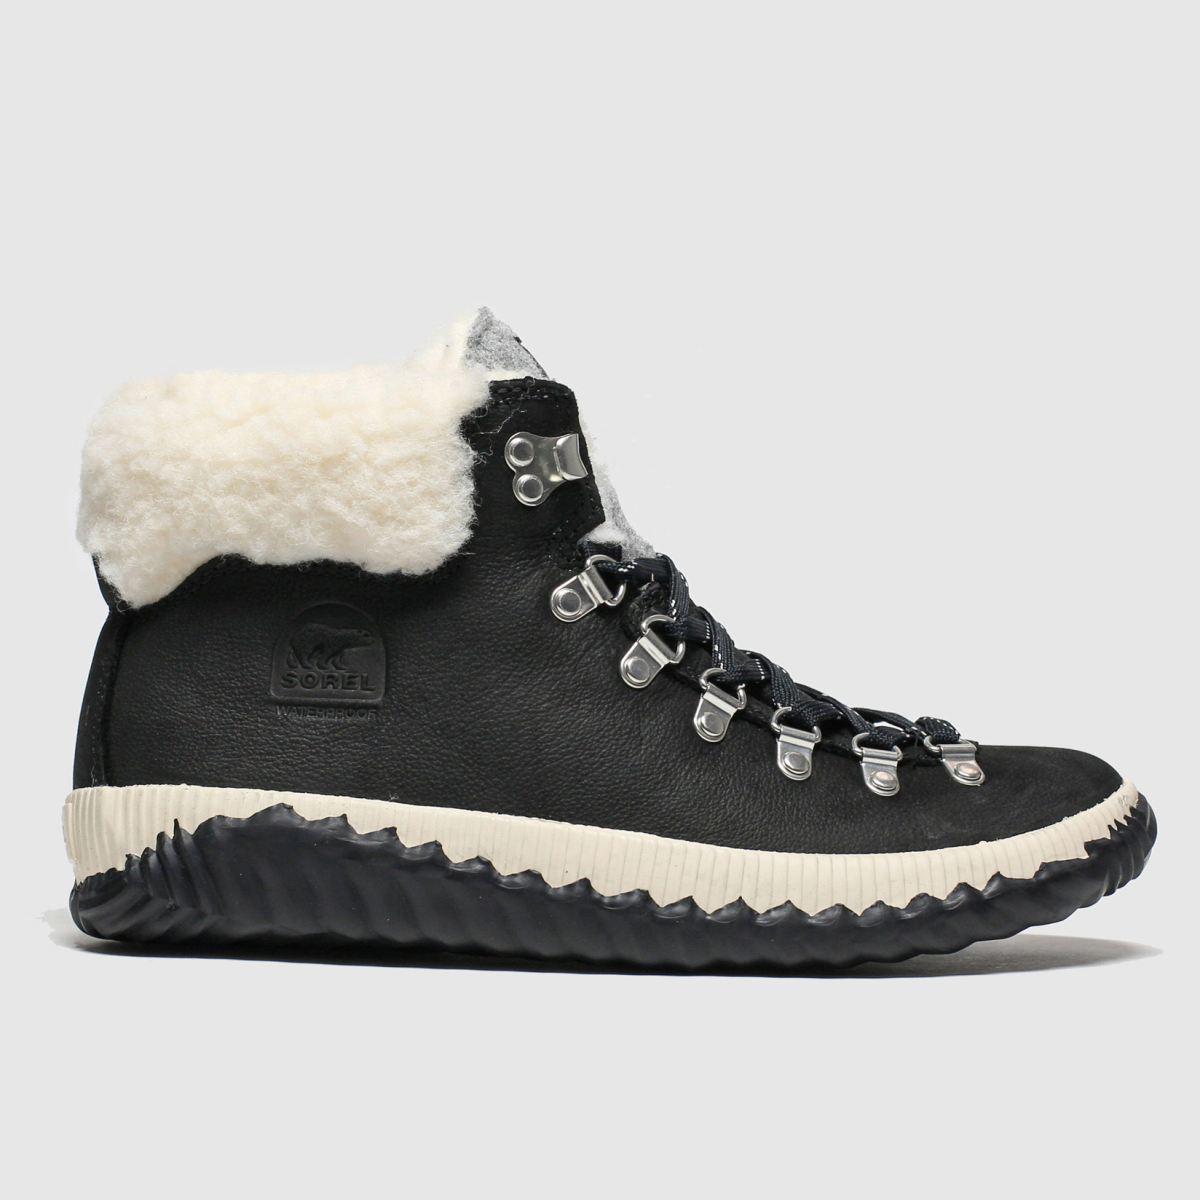 Sorel Black Out N About Plus Conquest Boots